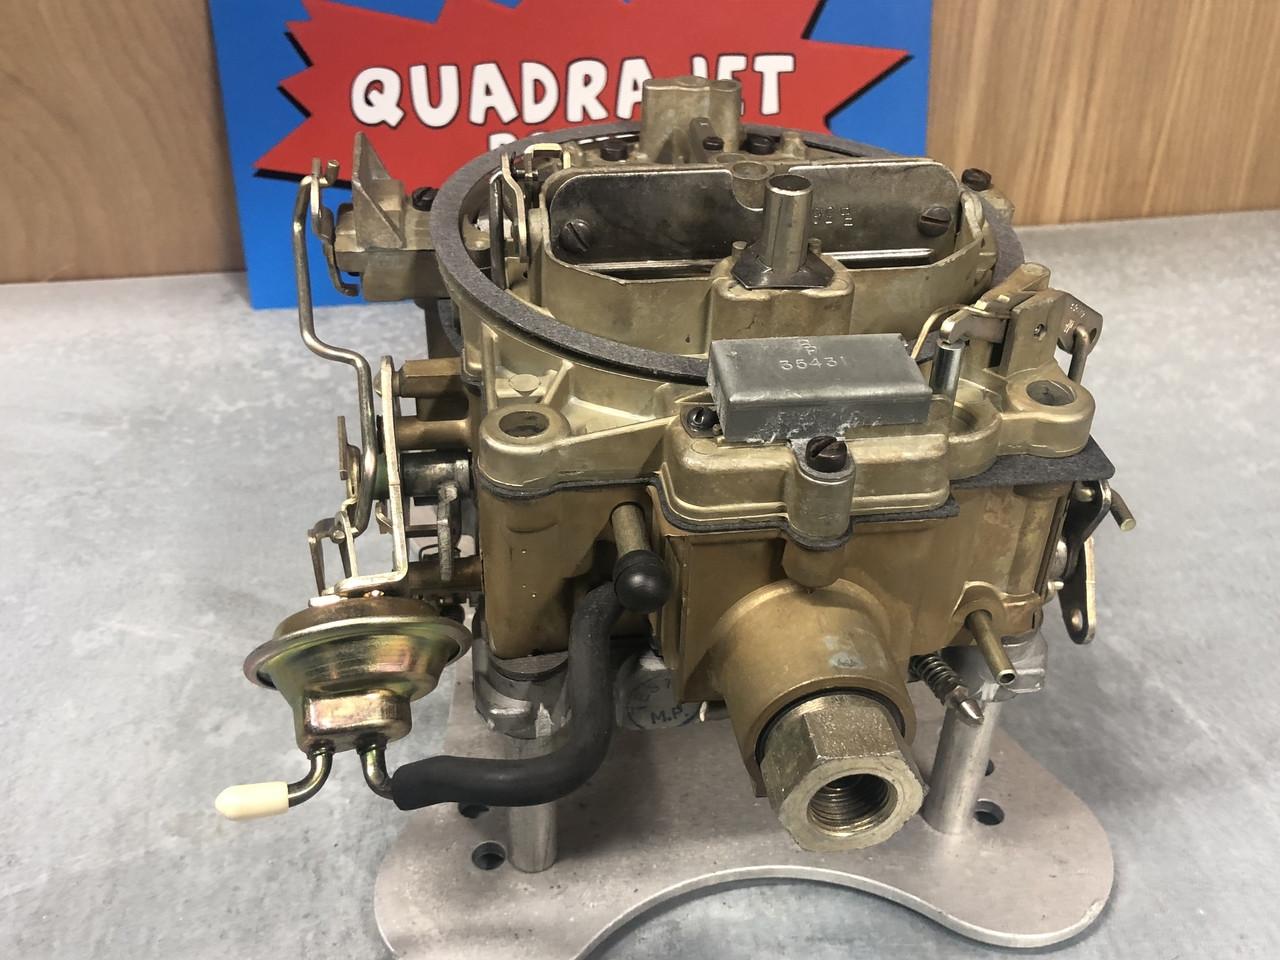 1968 Pontiac  Quadrajet  7028262 NOS